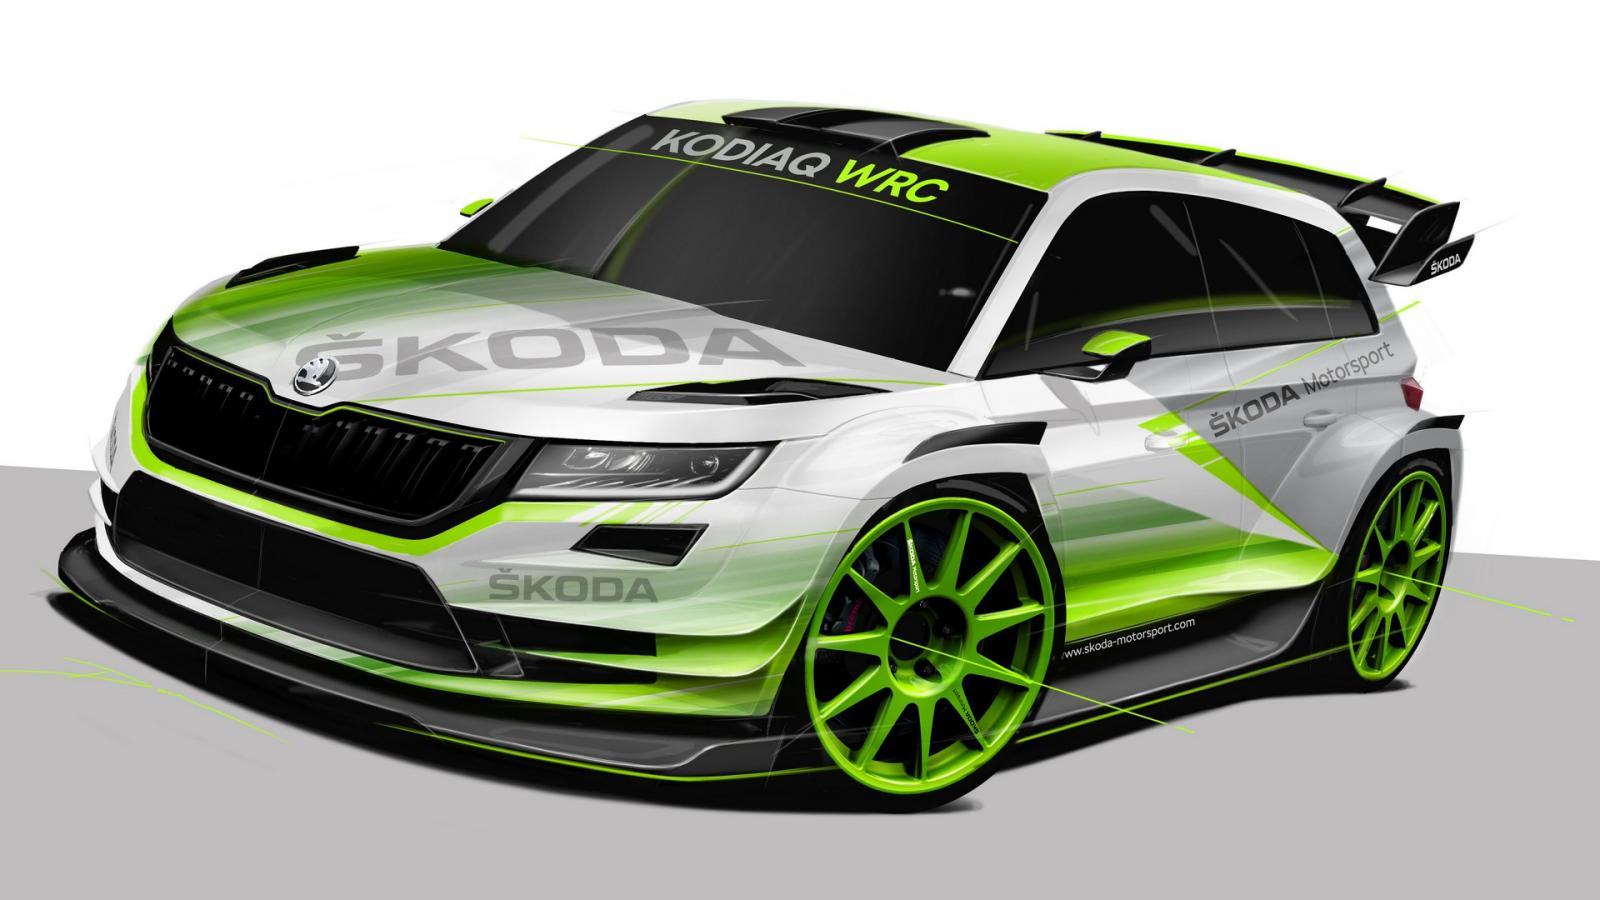 Вглобальной паутине появились первые фотографии Шкода Kodiaq WRC 2018